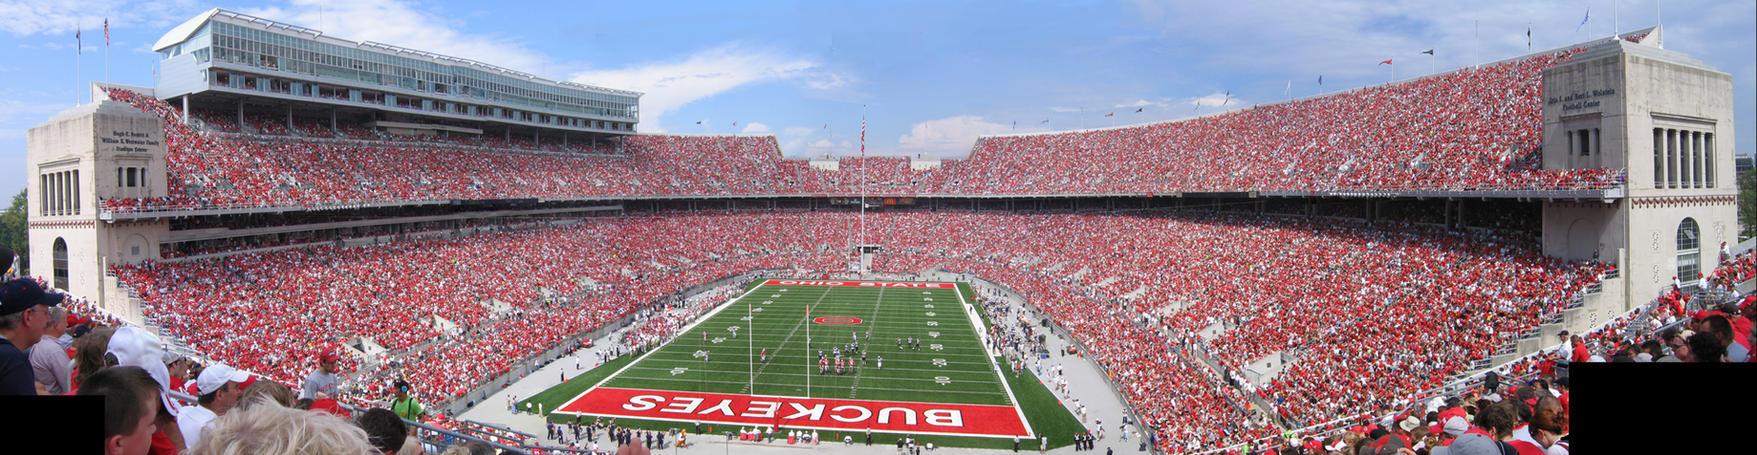 Ohio Stadium Panorama II by AreteEirene